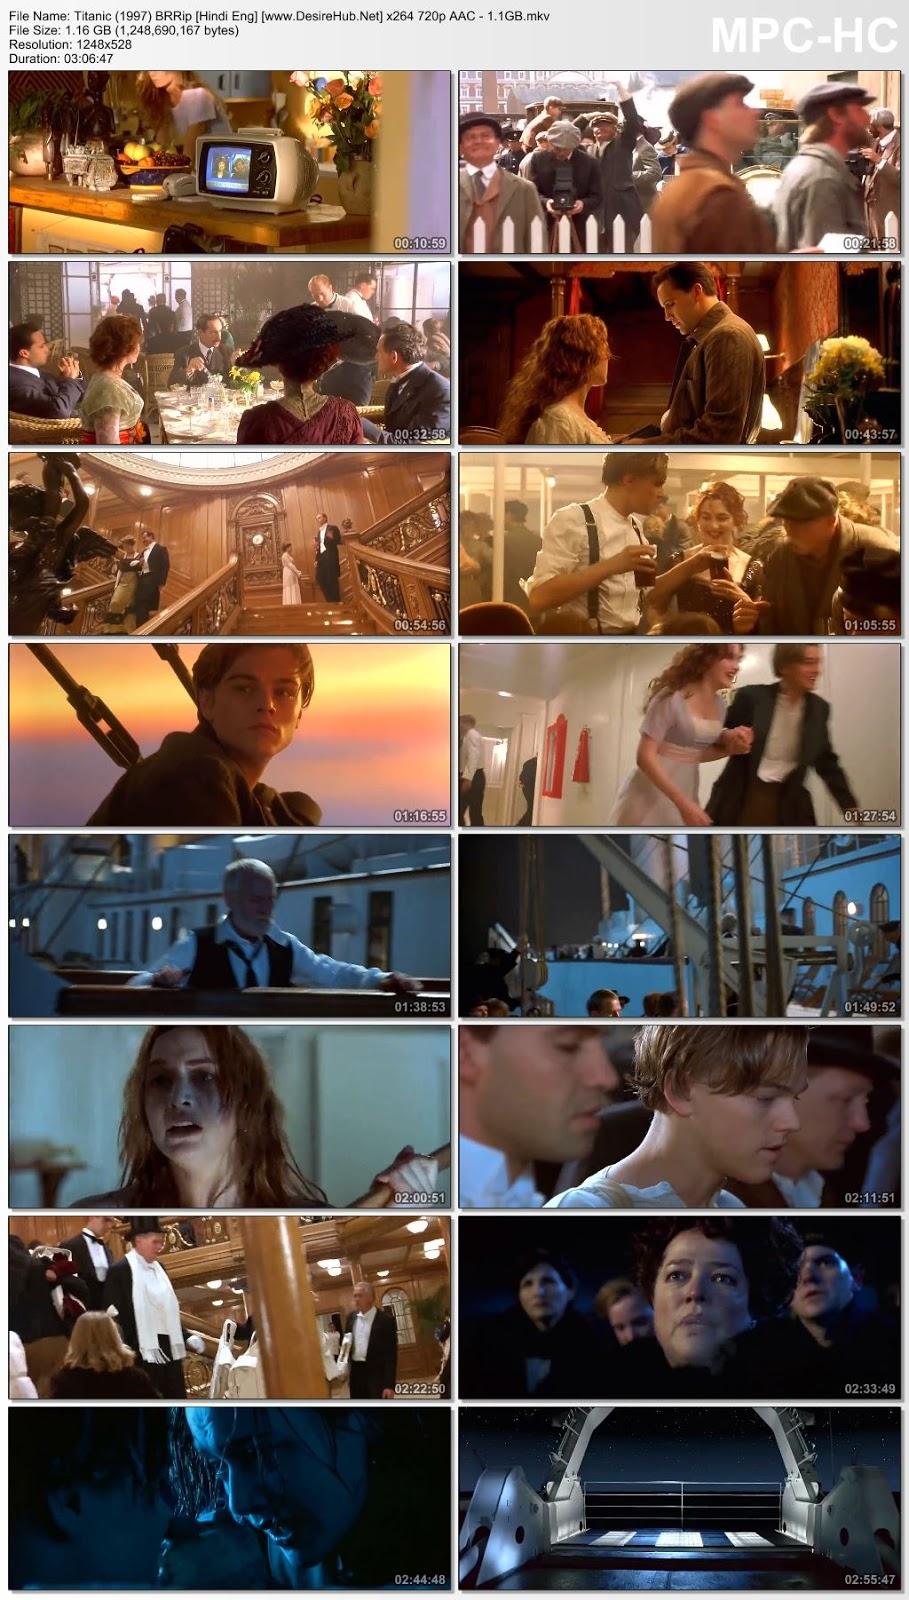 Titanic 1997 Dual Audio Hindi 720p BluRay 1.1GB Desirehub